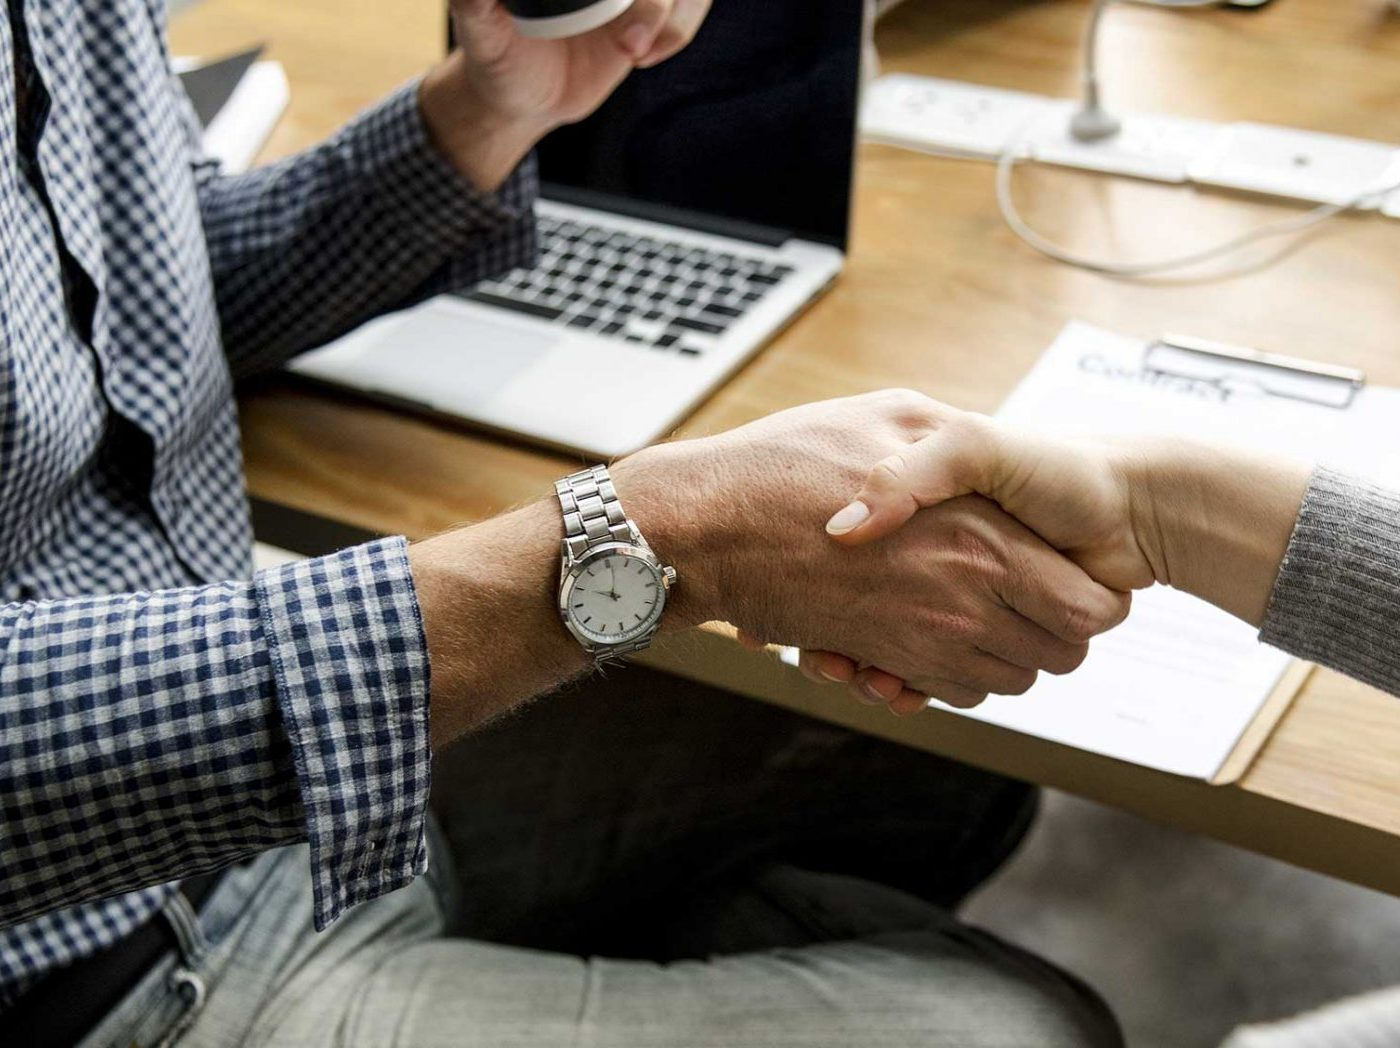 EU FONDOVI - OGLAS ZA ZAPOŠLJAVANJE Stručno osposobljavanje za rad bez zasnivanja radnog odnosa